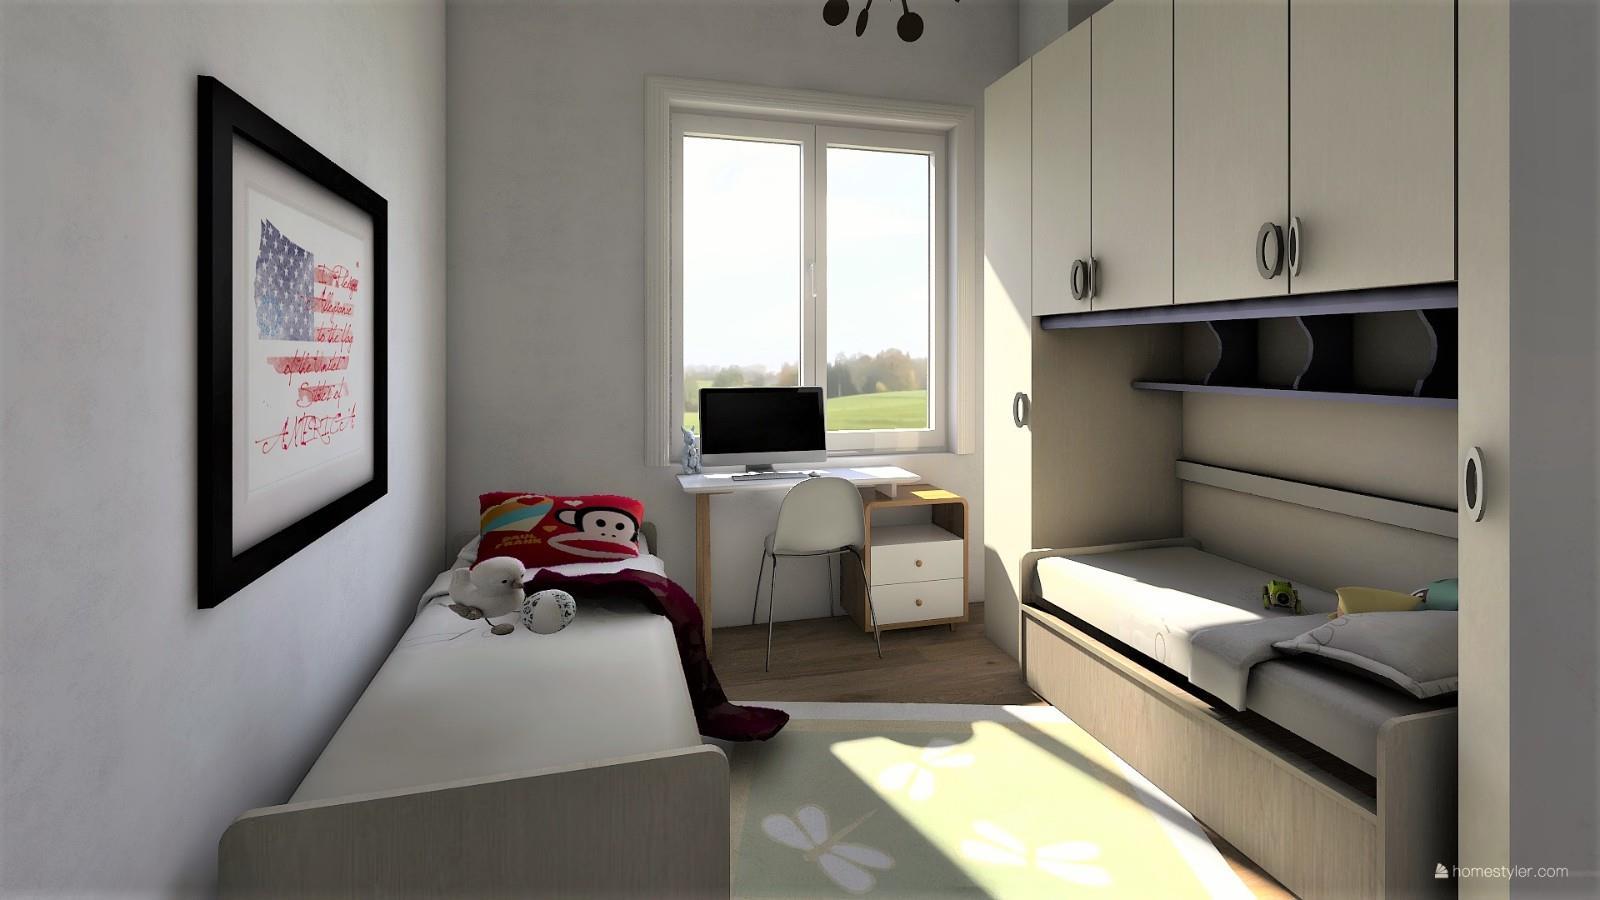 Foto 5 - Appartamento in Vendita - Concorezzo (Monza e Brianza)